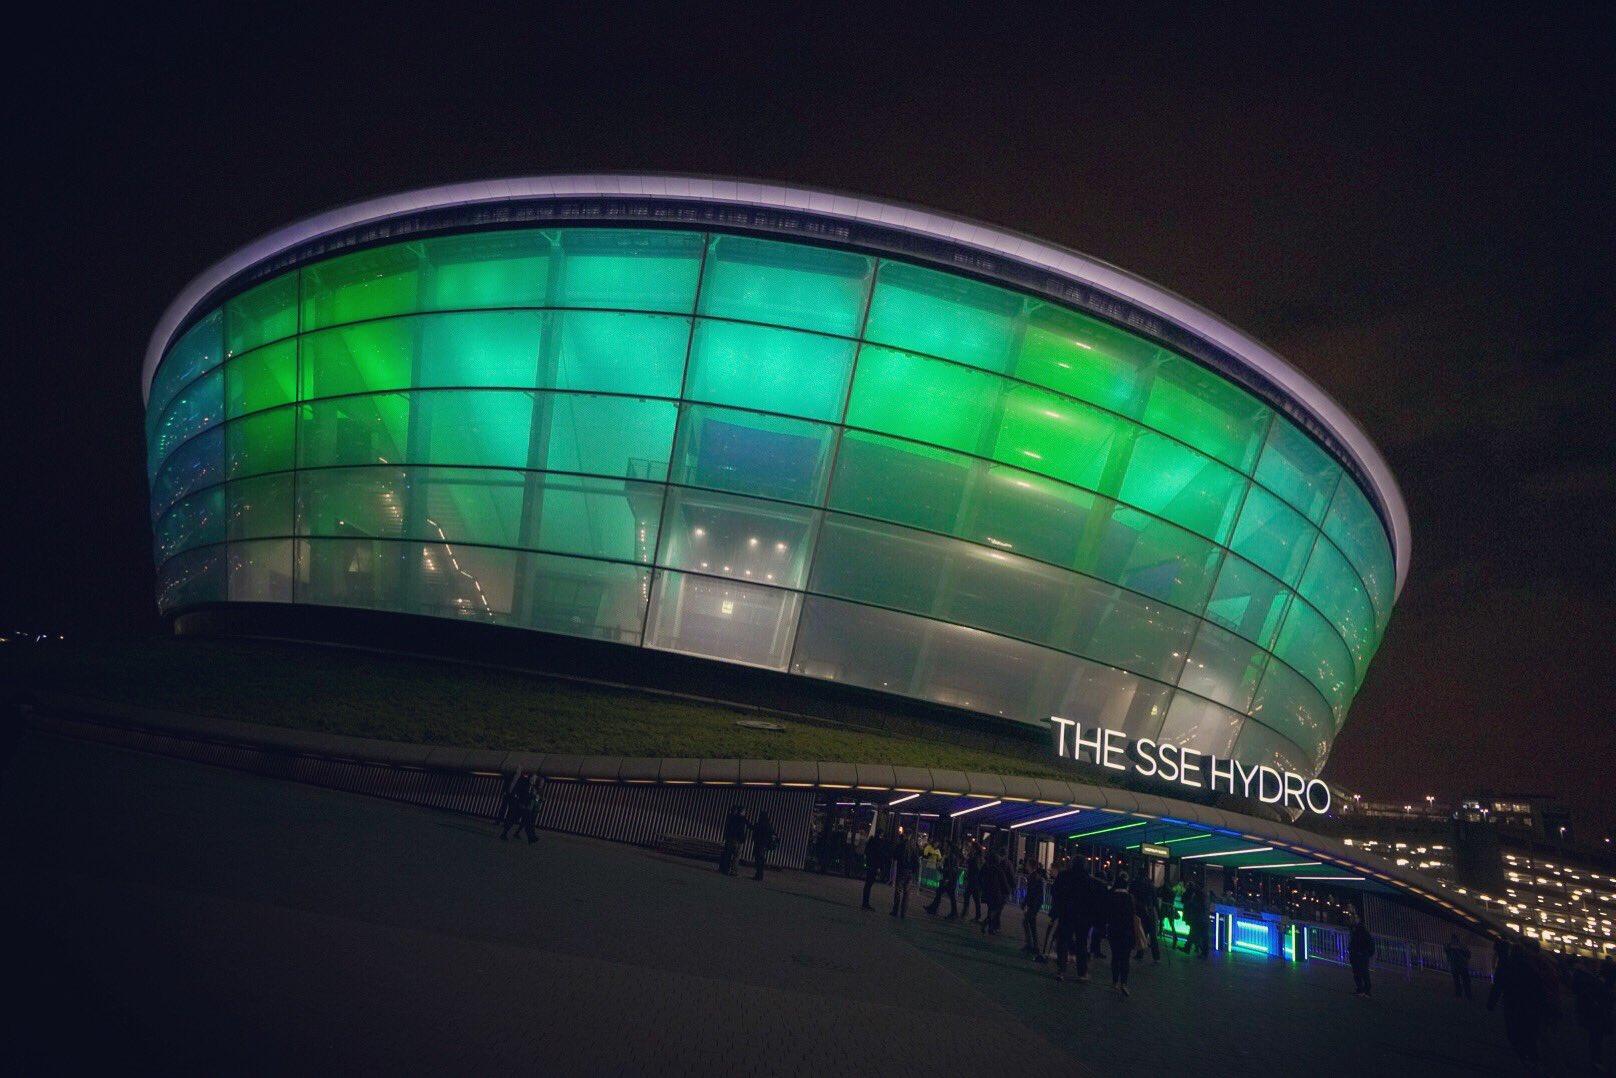 #thestageworldtour The SSE Hydro.  Glasgow, Scotland - SOLD OUT! ��: @rafacore https://t.co/r1rw6LoJkj